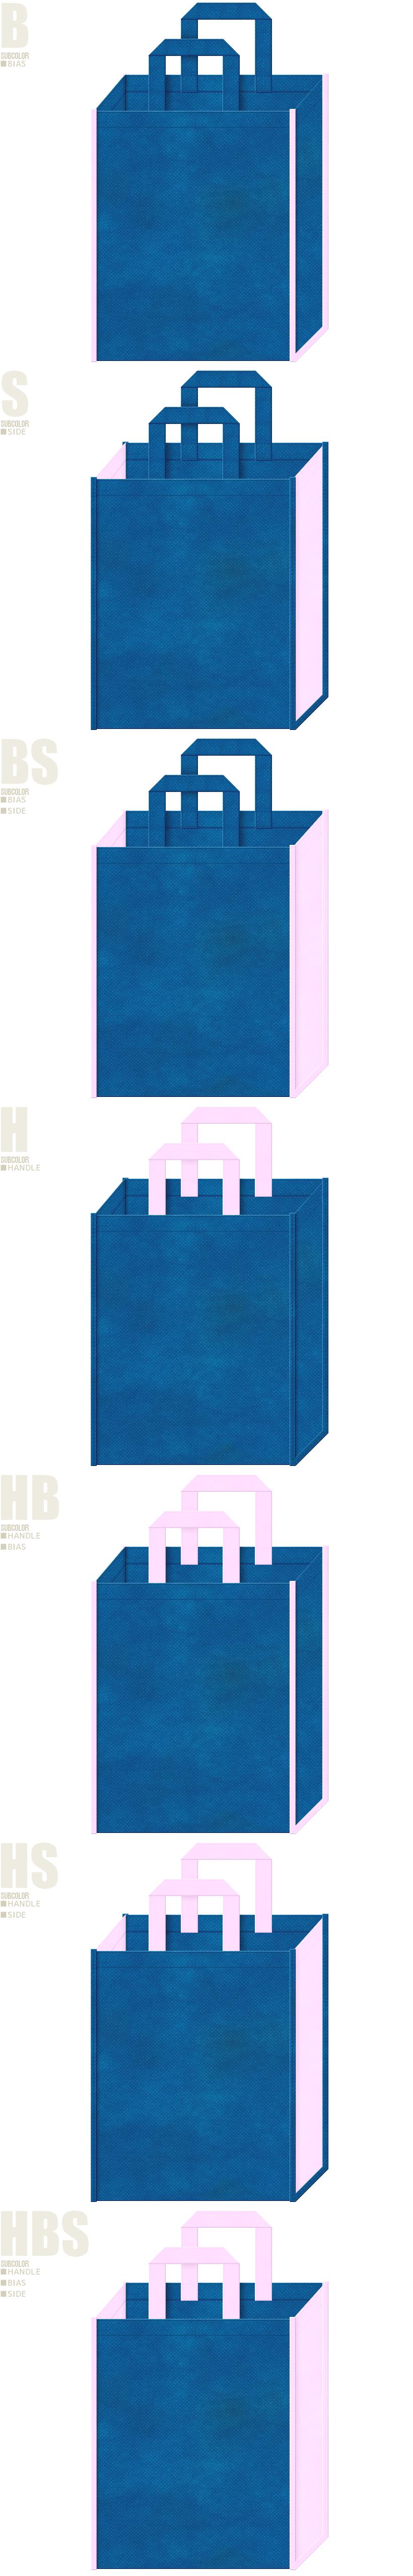 青色と明るいピンク色の不織布バッグデザイン:配色7パターン